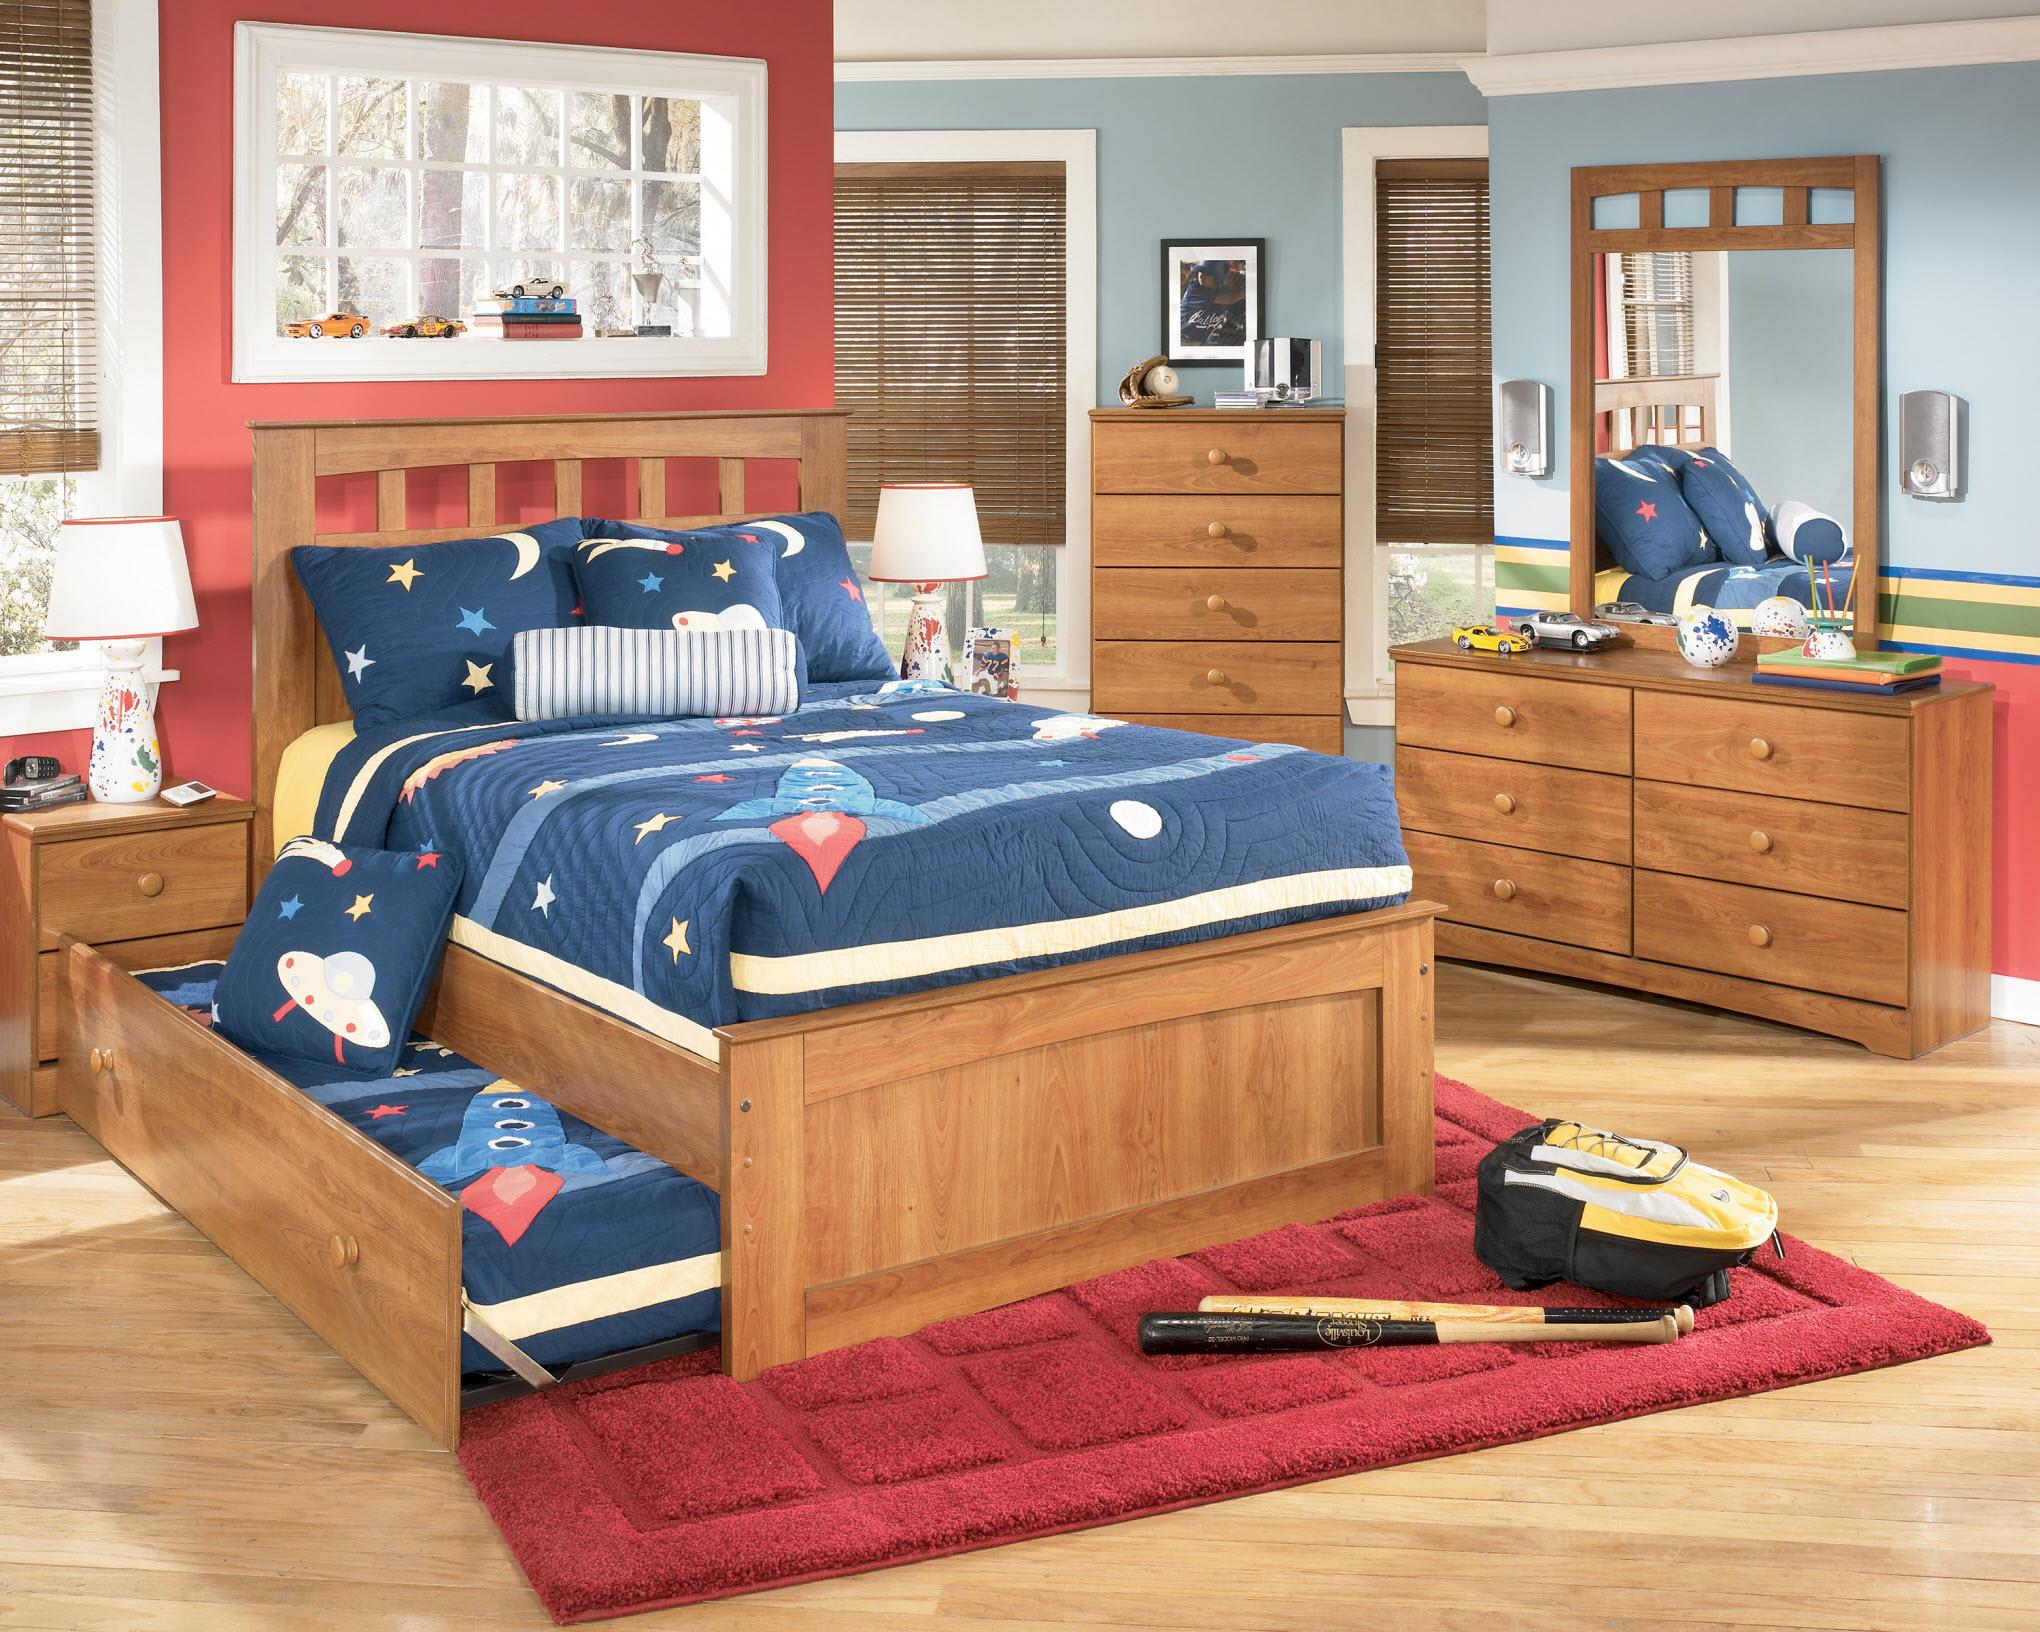 toddler bedroom sets ikea kids bedroom furniture ACOPAGR